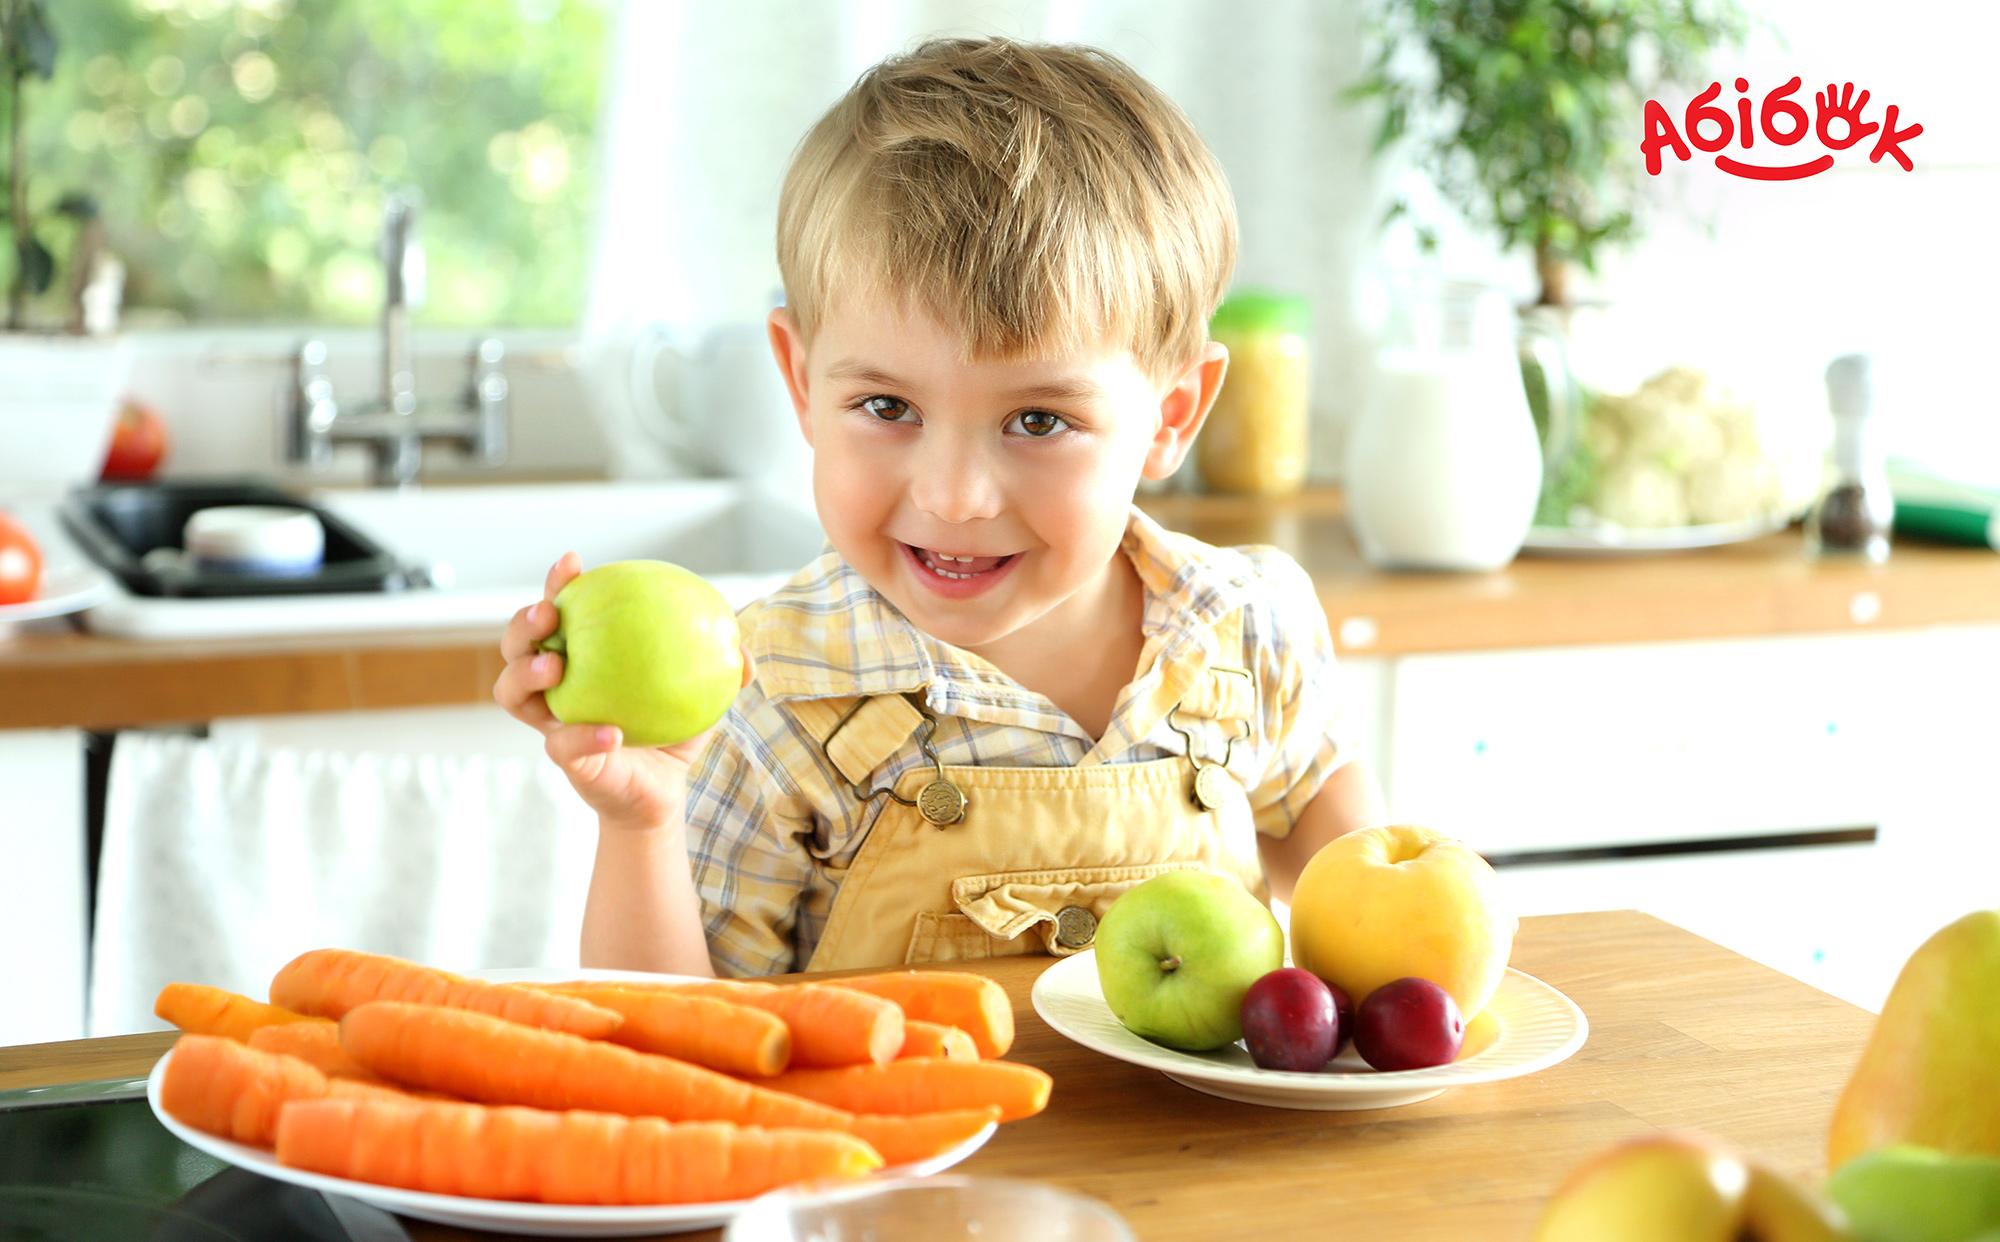 Детское питание Абiбок